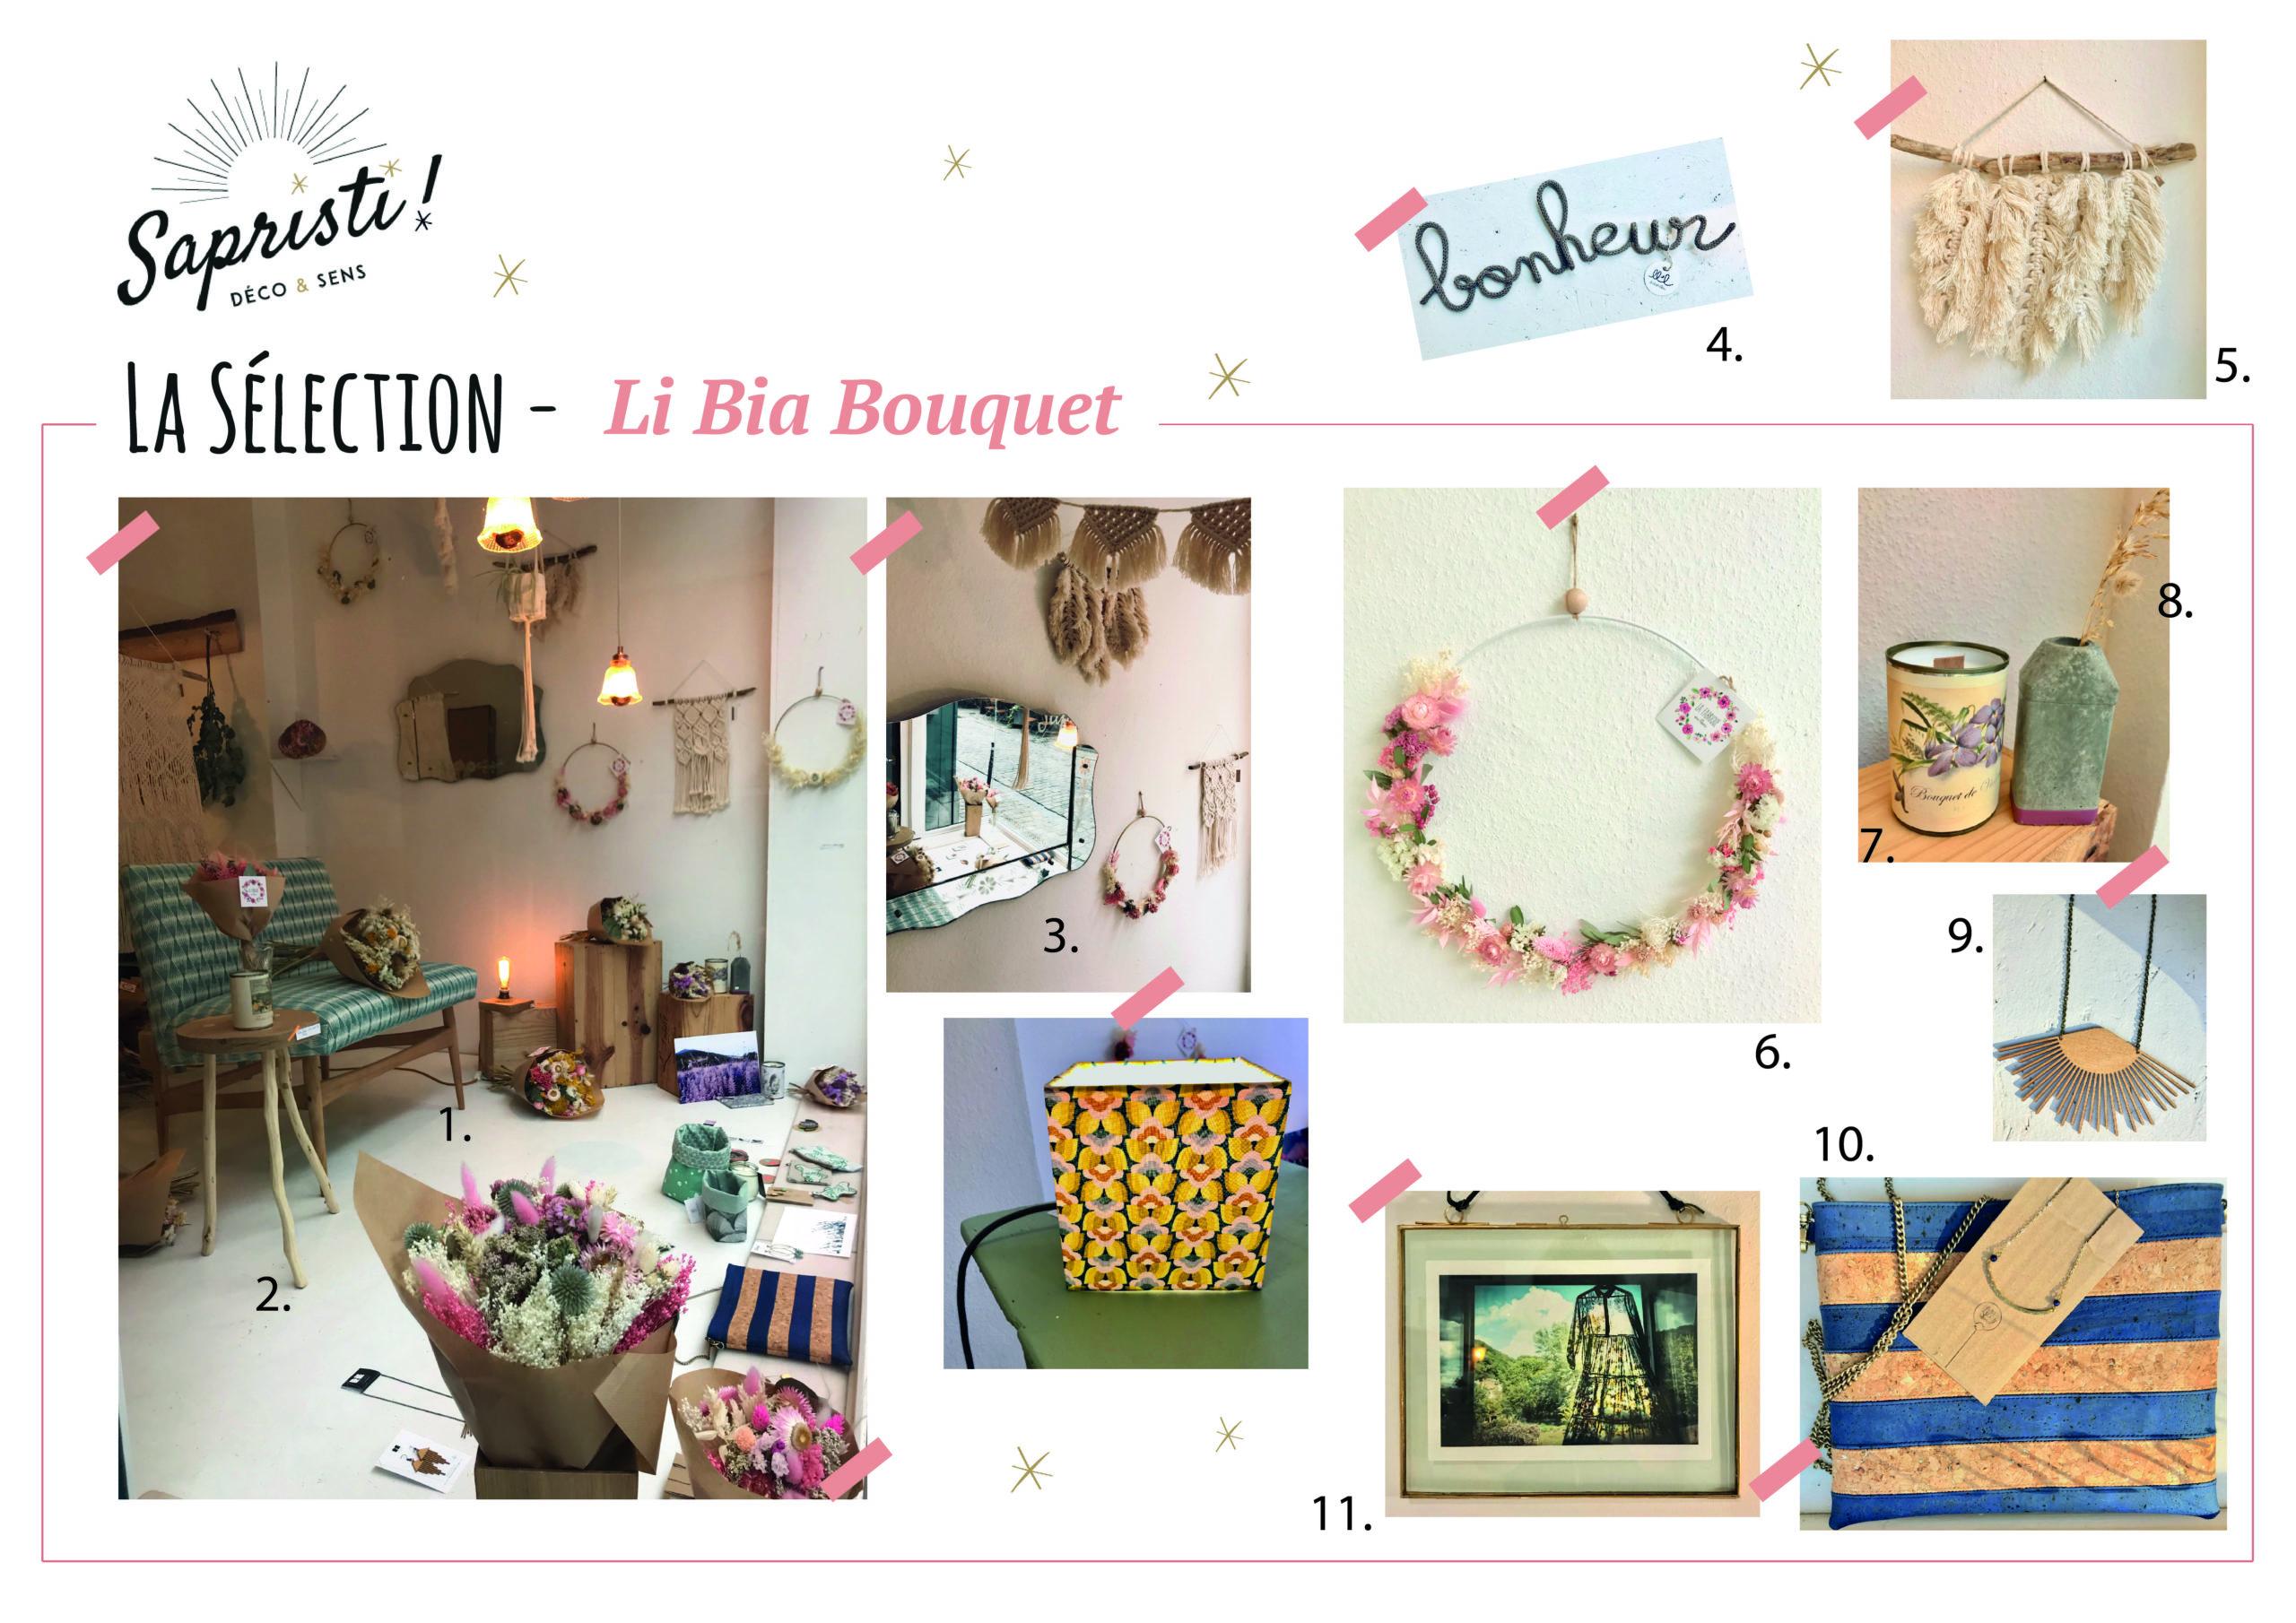 planche shopping LI BIA BOUQUET_Plan de travail 1